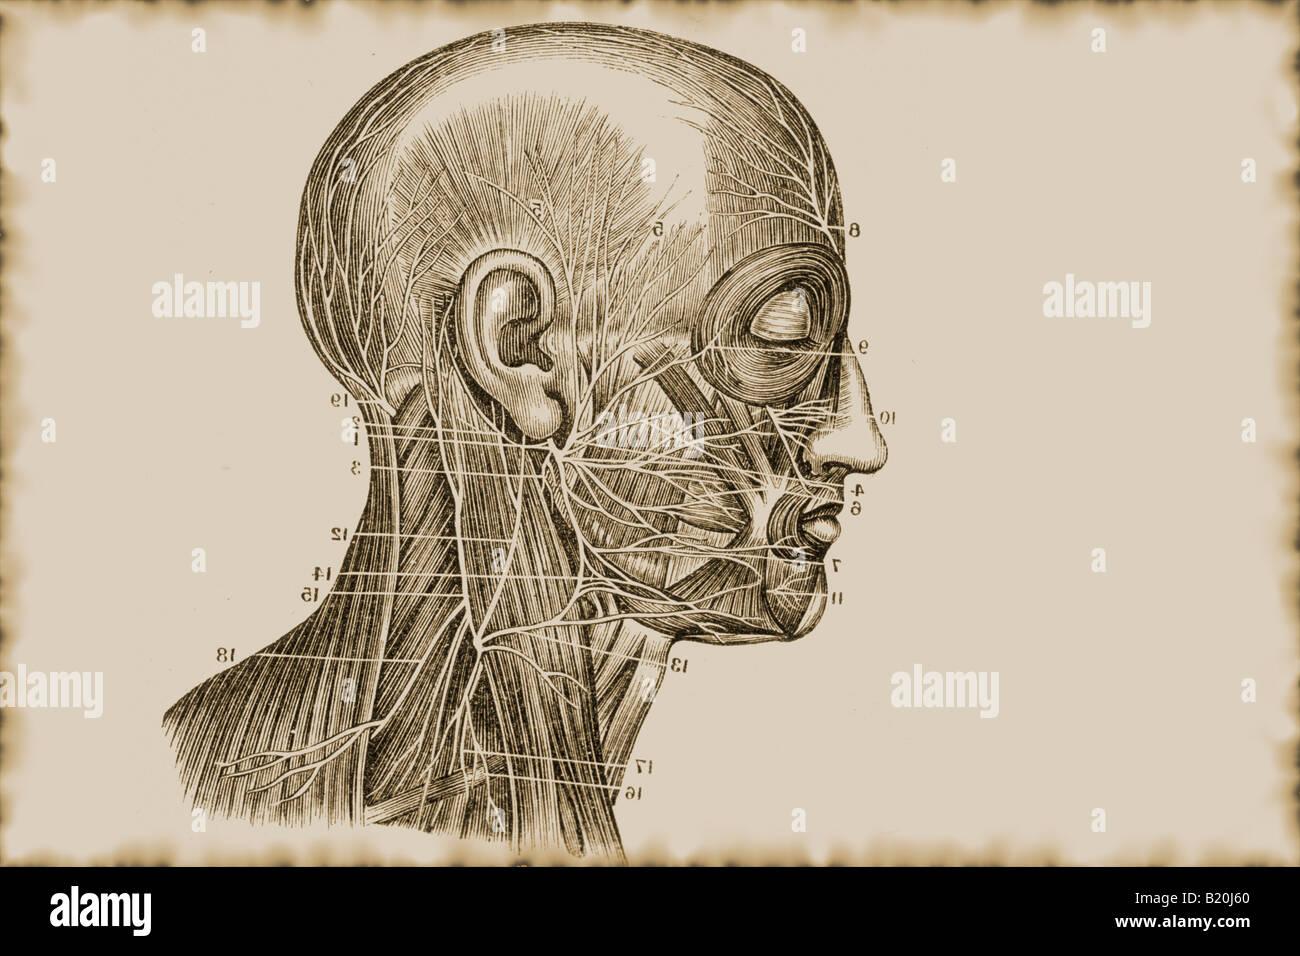 Nett Aortenbogen Zweige Anatomie Fotos - Menschliche Anatomie Bilder ...